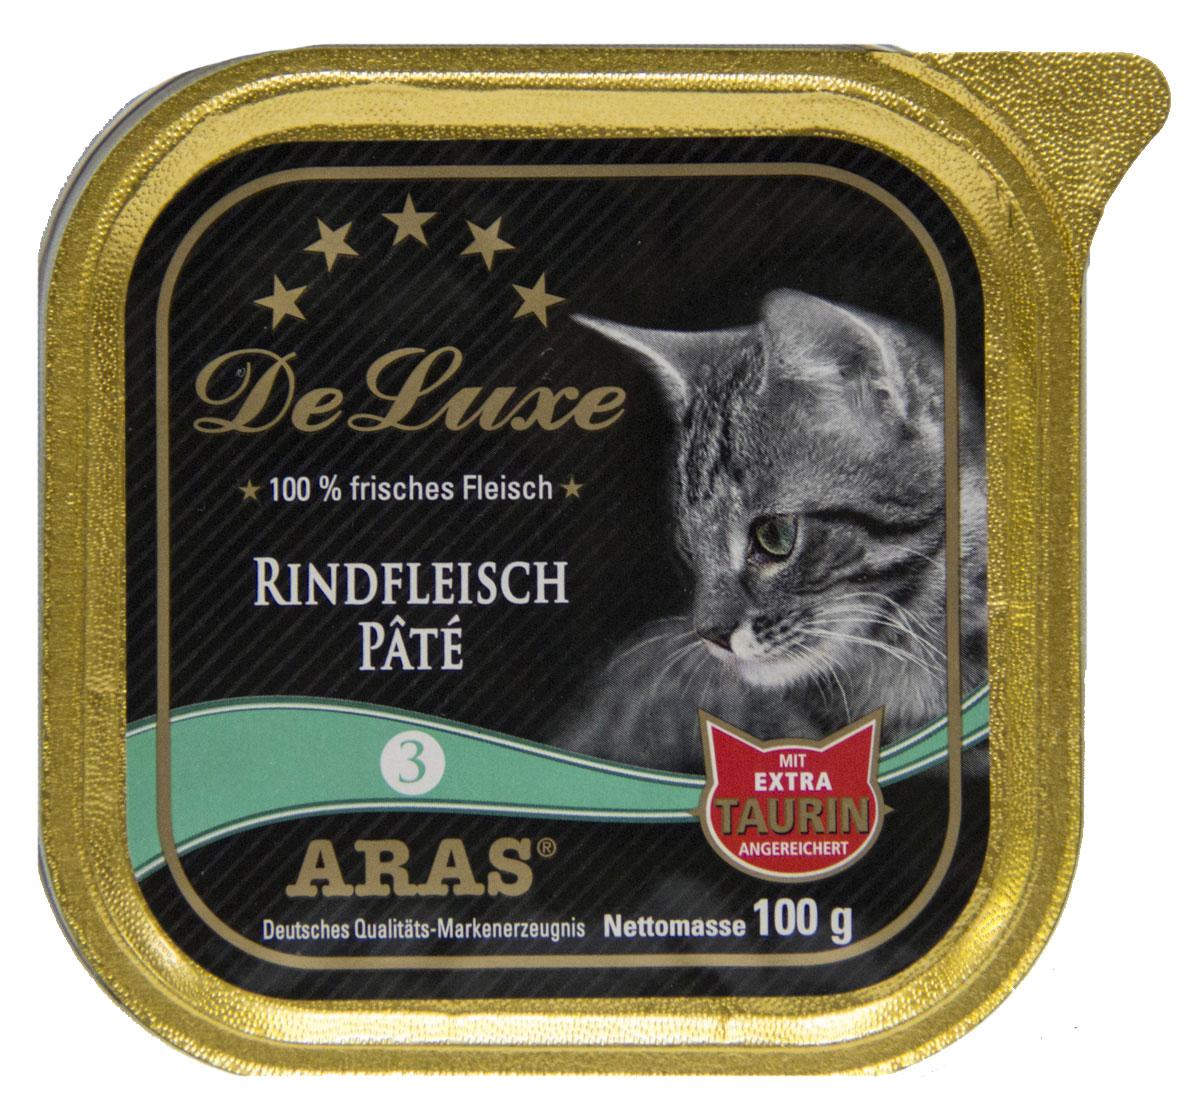 Консервы для кошек Aras Premium DeLuxe, паштет с говядиной, 100 г0120710Консервы для кошек Aras Premium DeLuxe - корм для самых привередливых кошек, сочетающий в себе высокое качество ингредиентов, жизненно важные питательные вещества, а также превосходный вкус. Корм произведен в Германии по специальной технологии, схожей с технологией Sous Vide, из продуктов, пригодных в пищу человека. При изготовлении сохраняются все натуральные витамины и минералы. Это достигается благодаря бережной обработке всех ингредиентов при температуре менее 80°С. Такая бережная обработка продуктов не стерилизует продуктовые компоненты. Благодаря этому корма не нуждаются ни в каких дополнительных вкусовых добавках и сохраняют все необходимые полезные вещества. Особенности корма Aras Premium DeLuxe: - изготовлен из 100% свежего мяса; - без химических красителей, усилителей вкуса, искусственных консервантов и химических добавок; - из 100% свежих ингредиентов: мясо, овощи и зерновые; - сохранение натуральных витаминов в процессе изготовления; - гарантия свежести; - с дополнительной порцией таурина. Состав: свежее мясо говядины 98%, минералы 2%, таурин 150 мг/кг. Пищевая ценность: белки 10,2%, жиры 5,3%, зола 2,4%, клетчатка 0,3%, влажность 79,9%.Товар сертифицирован.